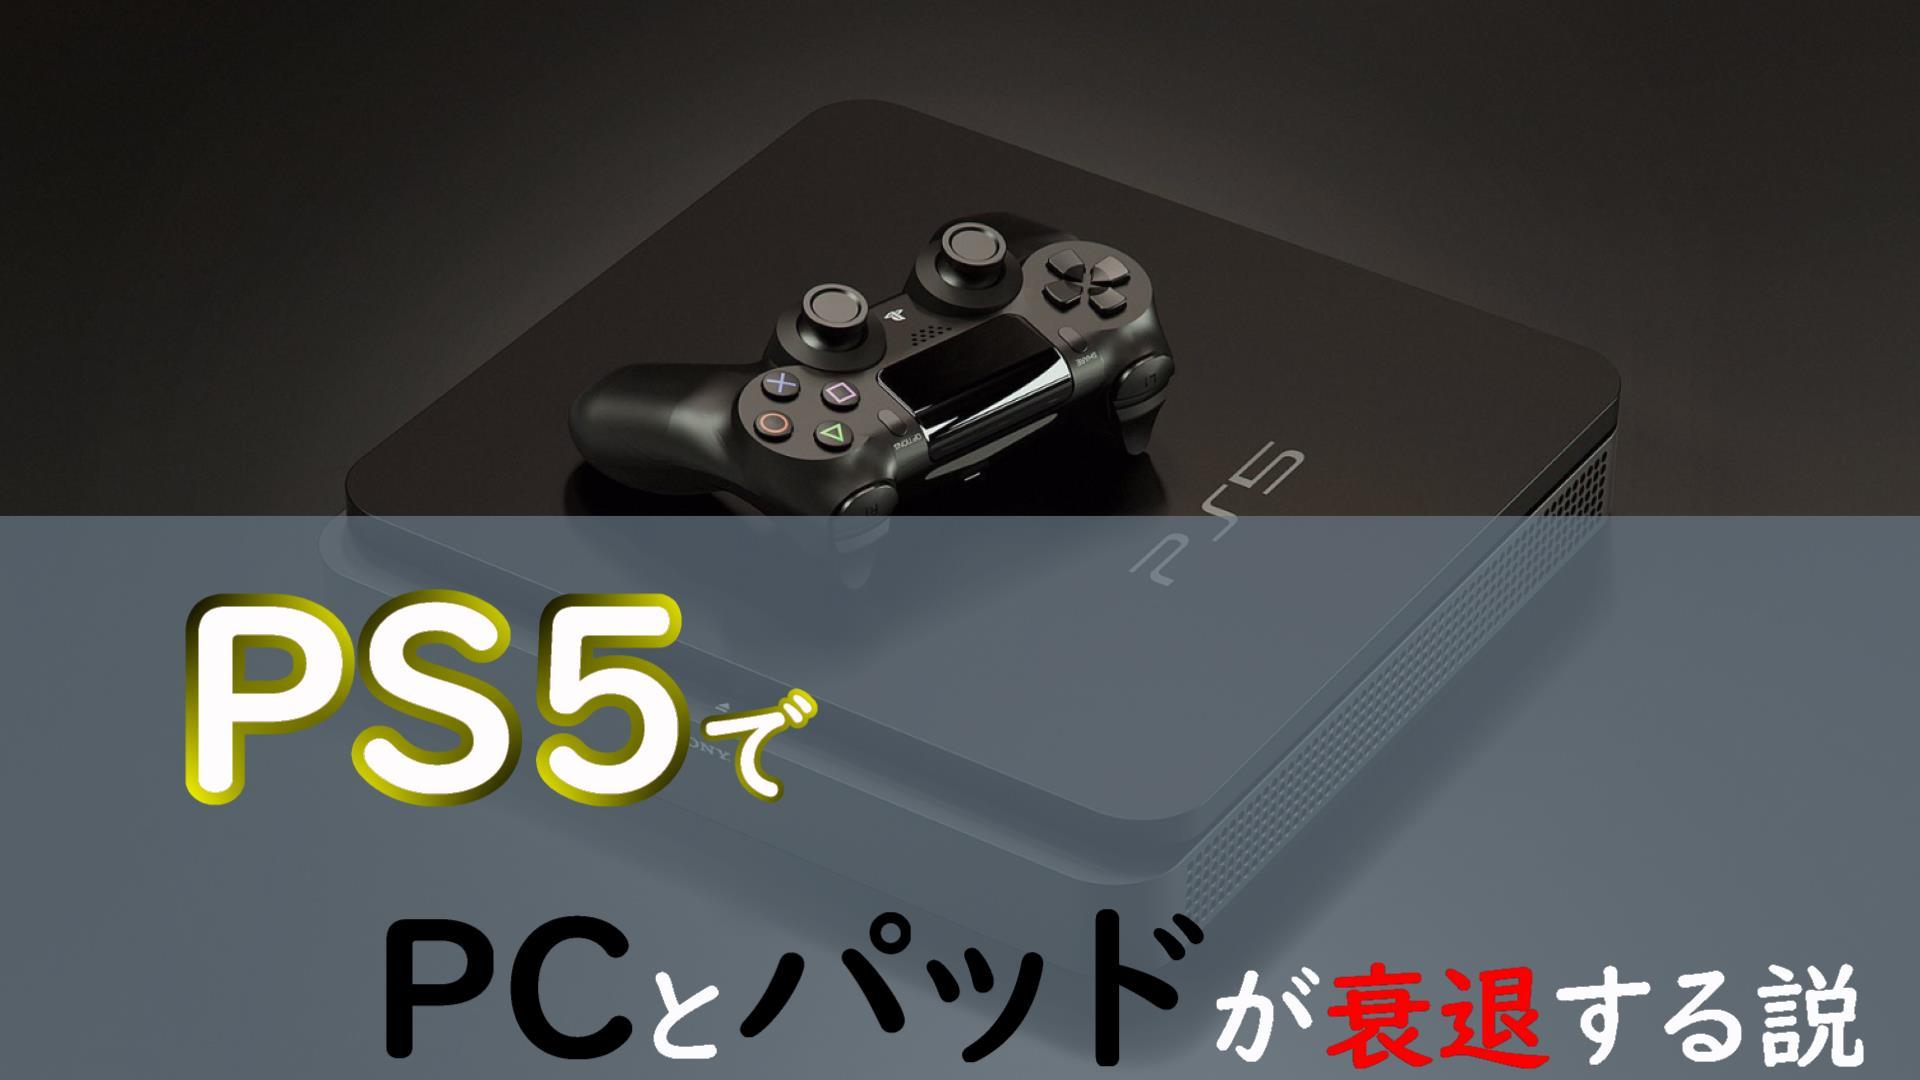 【FPS未来予測】PS5によってチーター・コンバーターマウサー問題が解決し、PCとパッドでの競技シーンがなくなる説